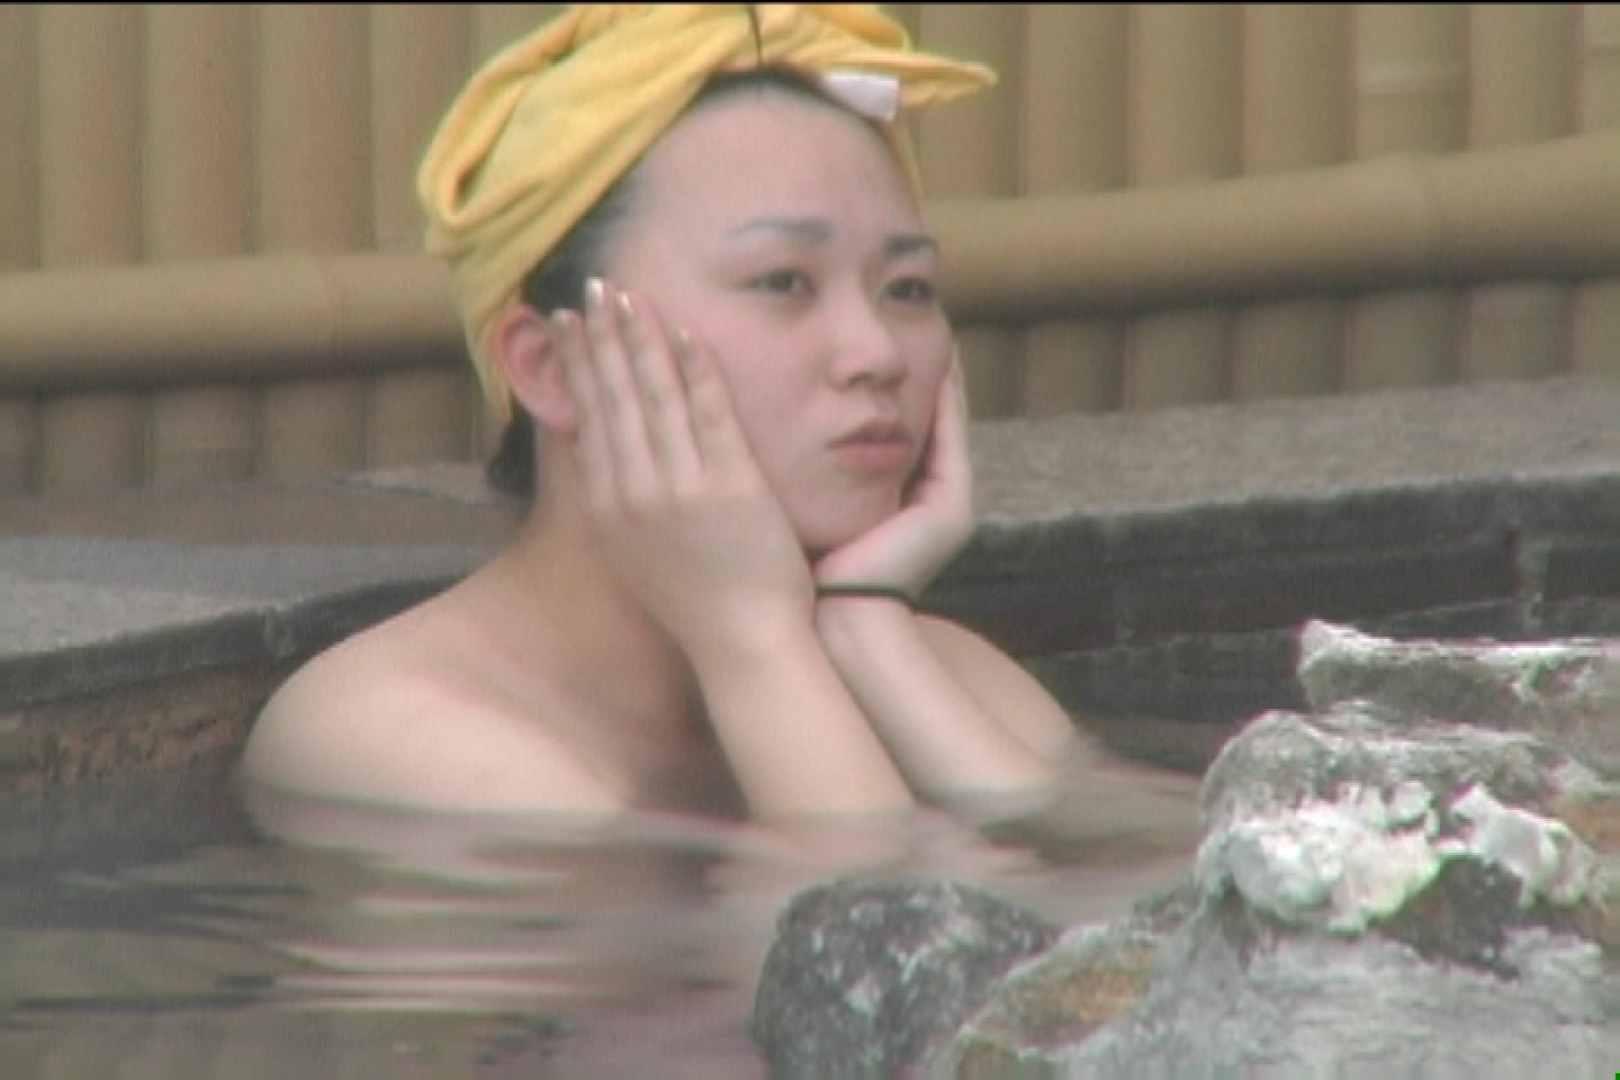 高画質露天女風呂観察 vol.018 入浴 のぞきおめこ無修正画像 99画像 25